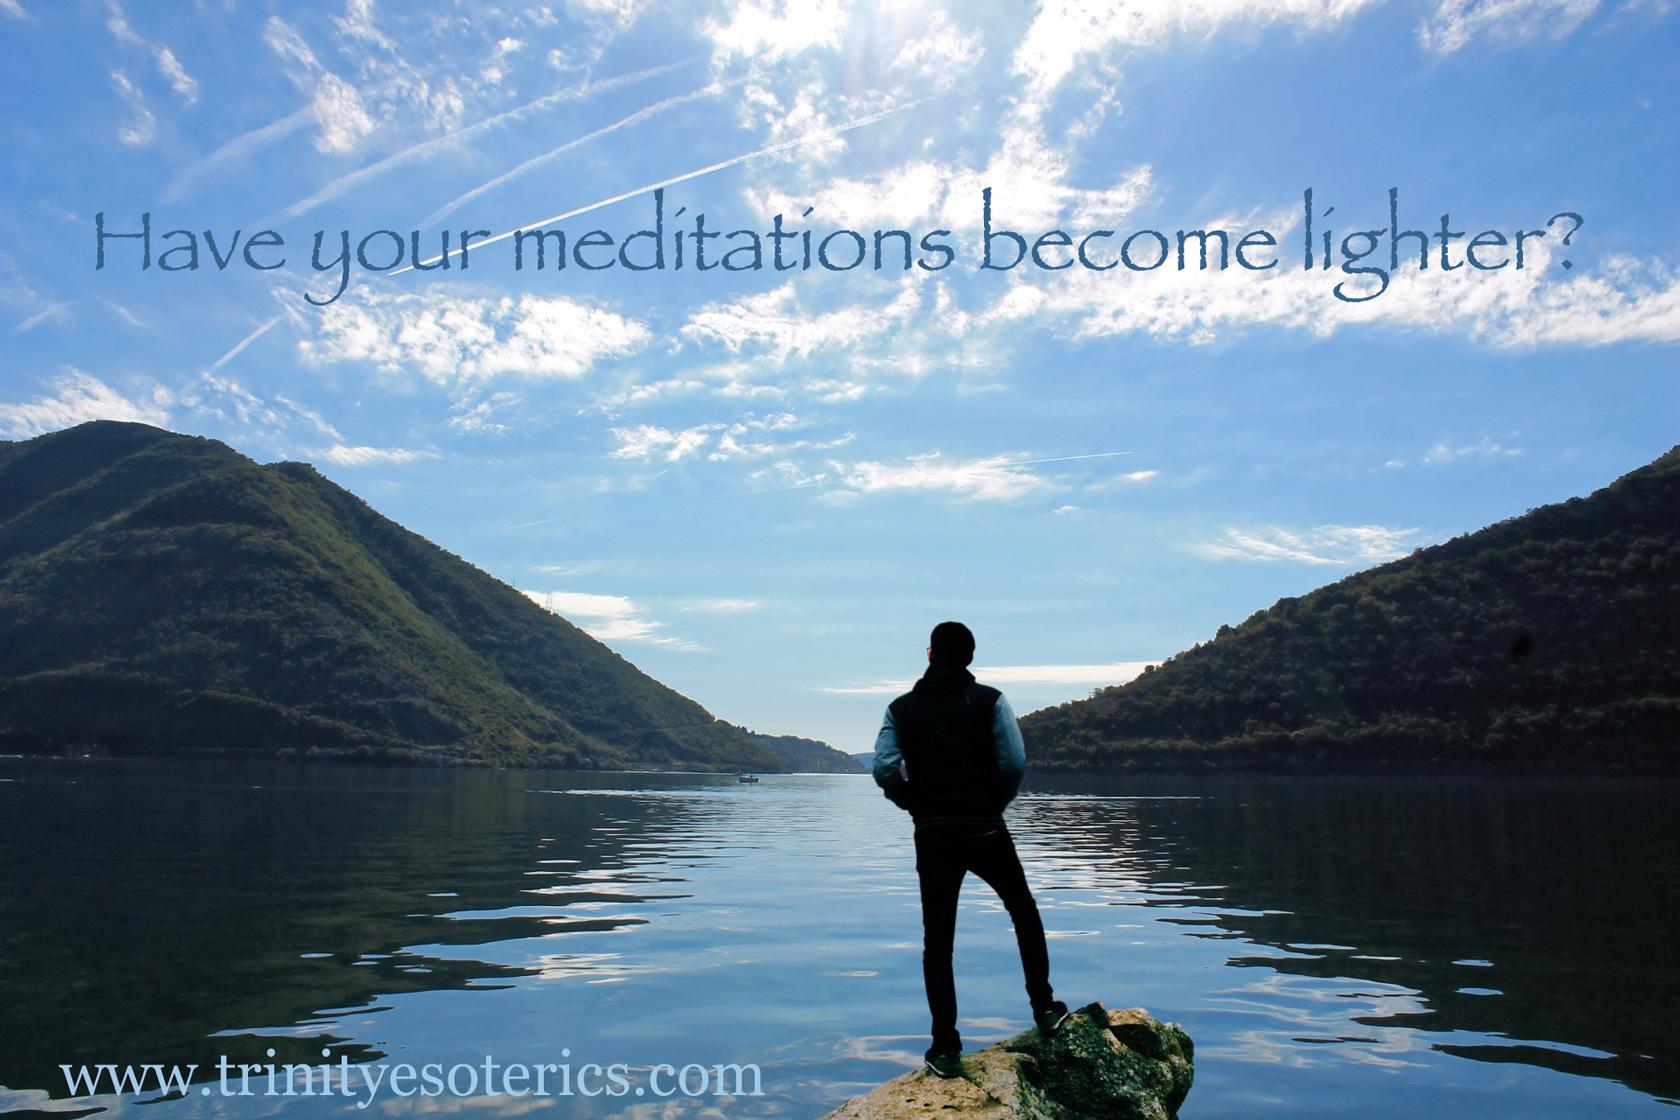 waking meditation trinity esoterics